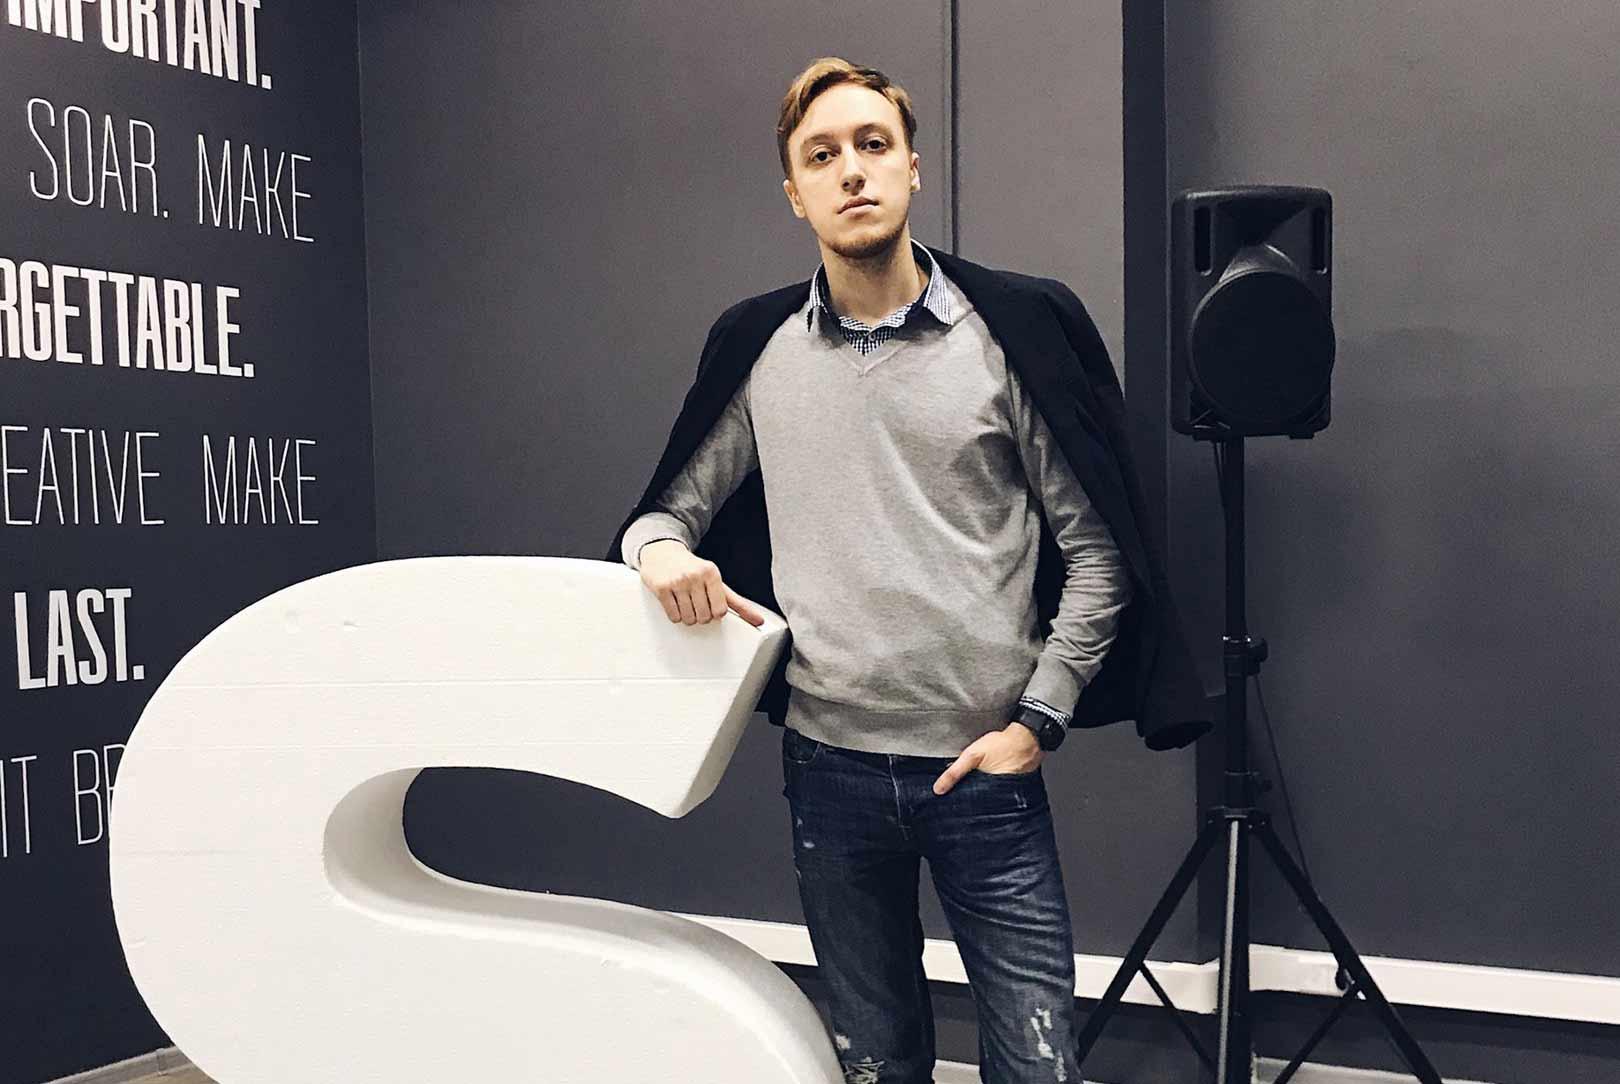 Александр Костин, руководитель агентства стратегического маркетинга S1